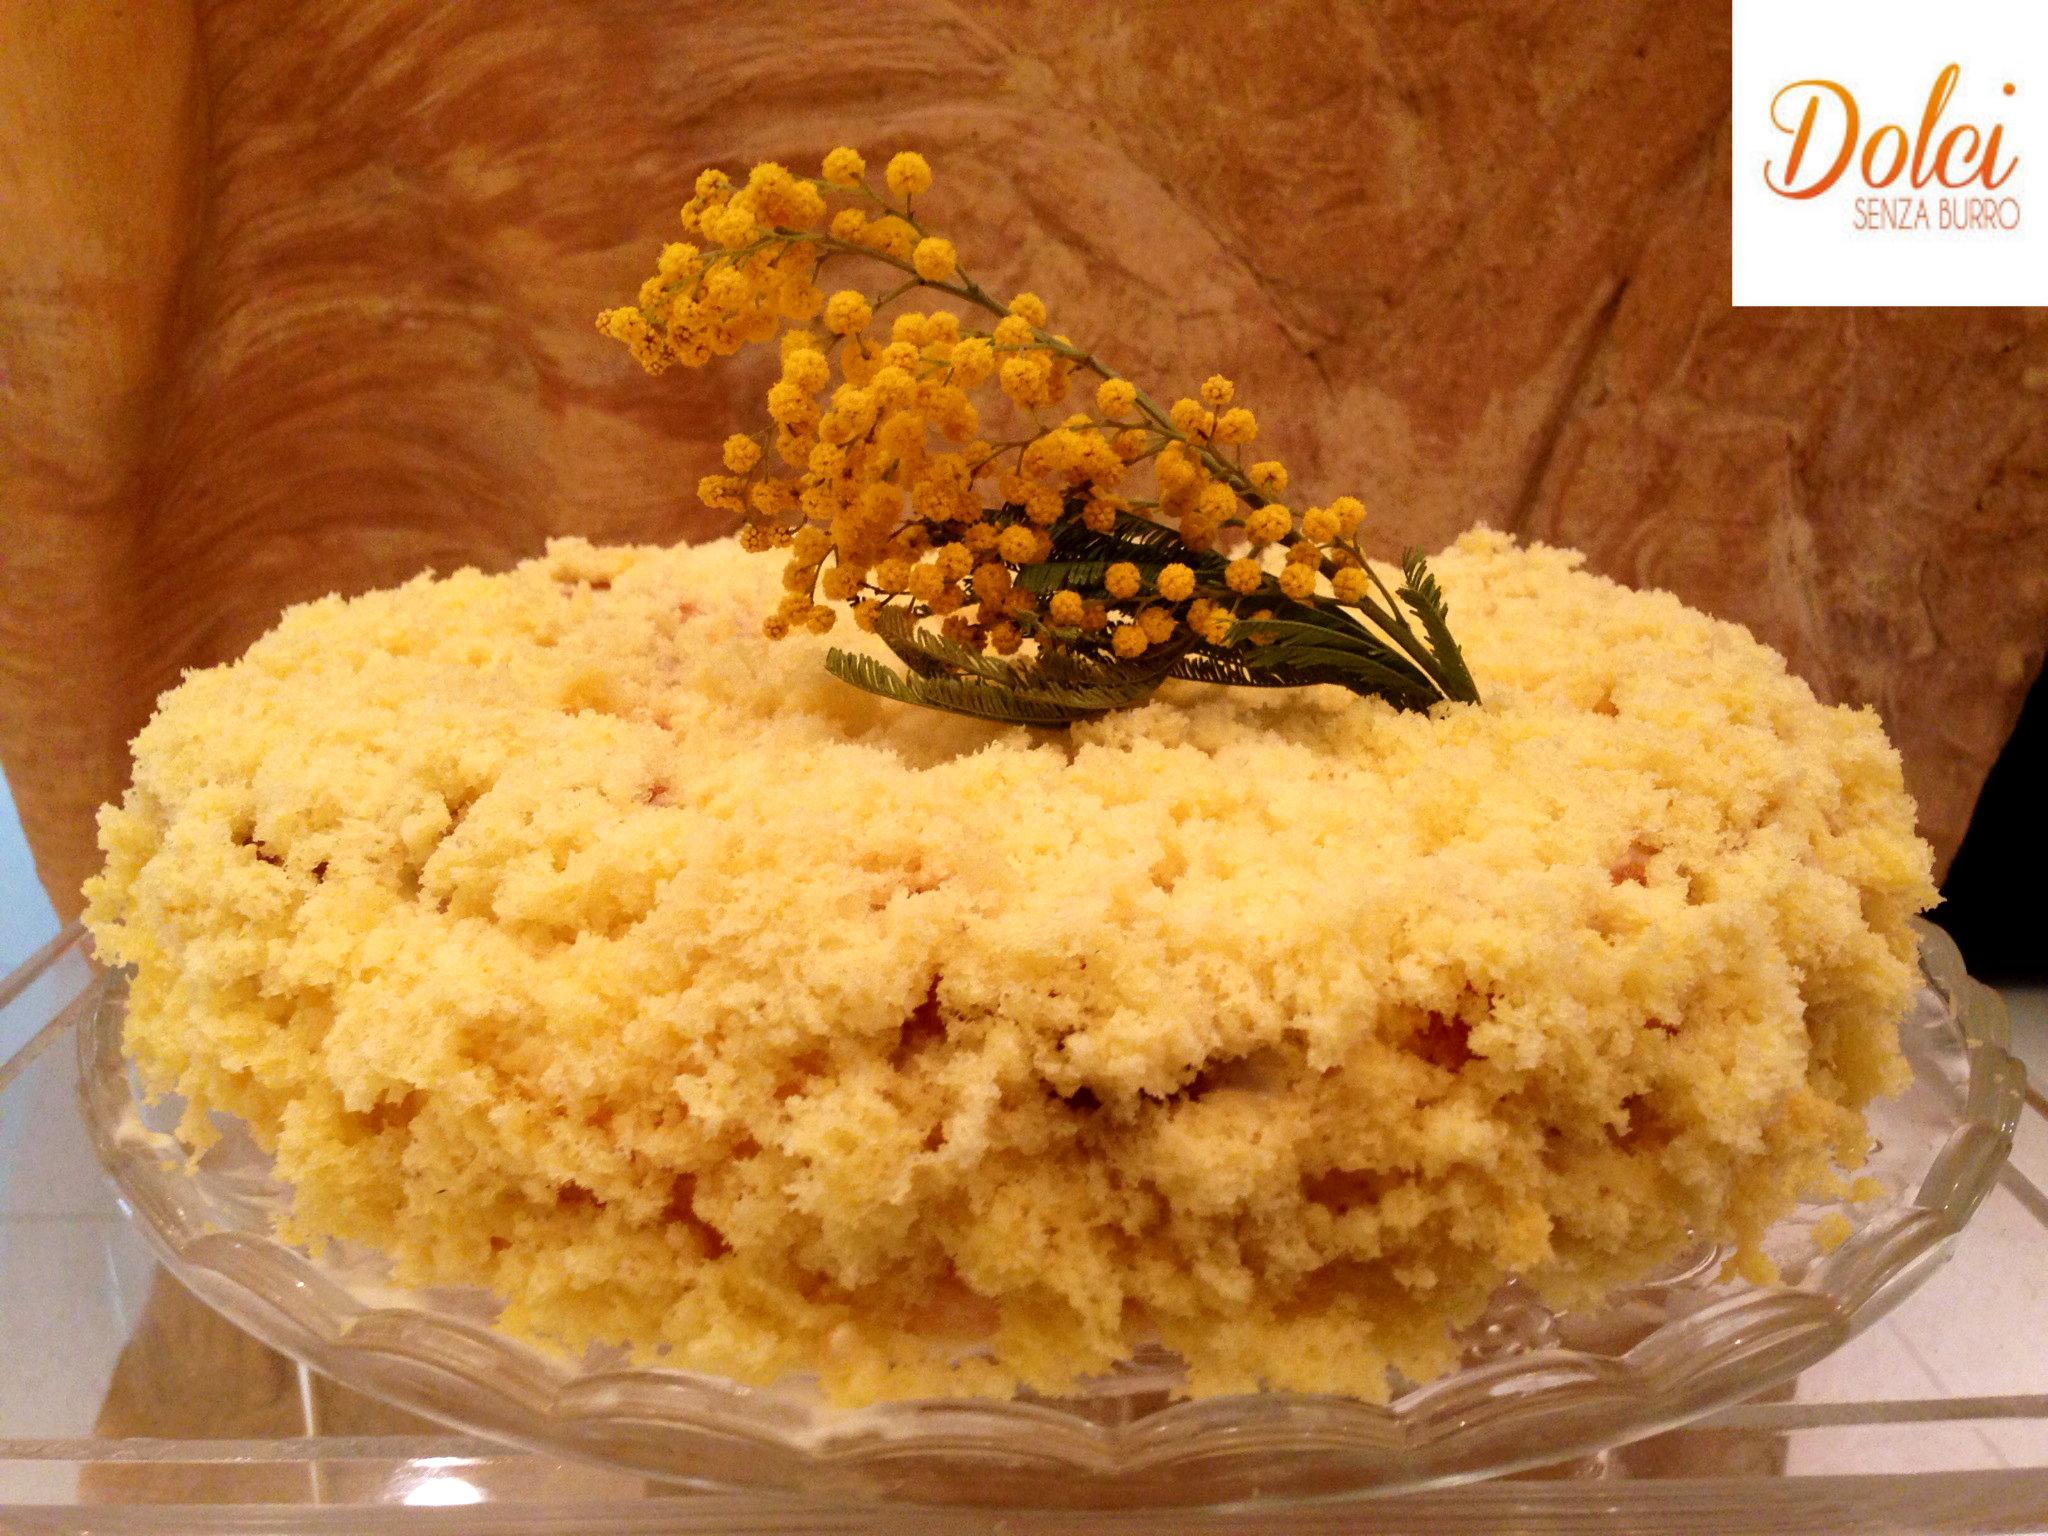 Torta Mimosa Senza Burro, il dolce delle donne di Dolci Senza Burro